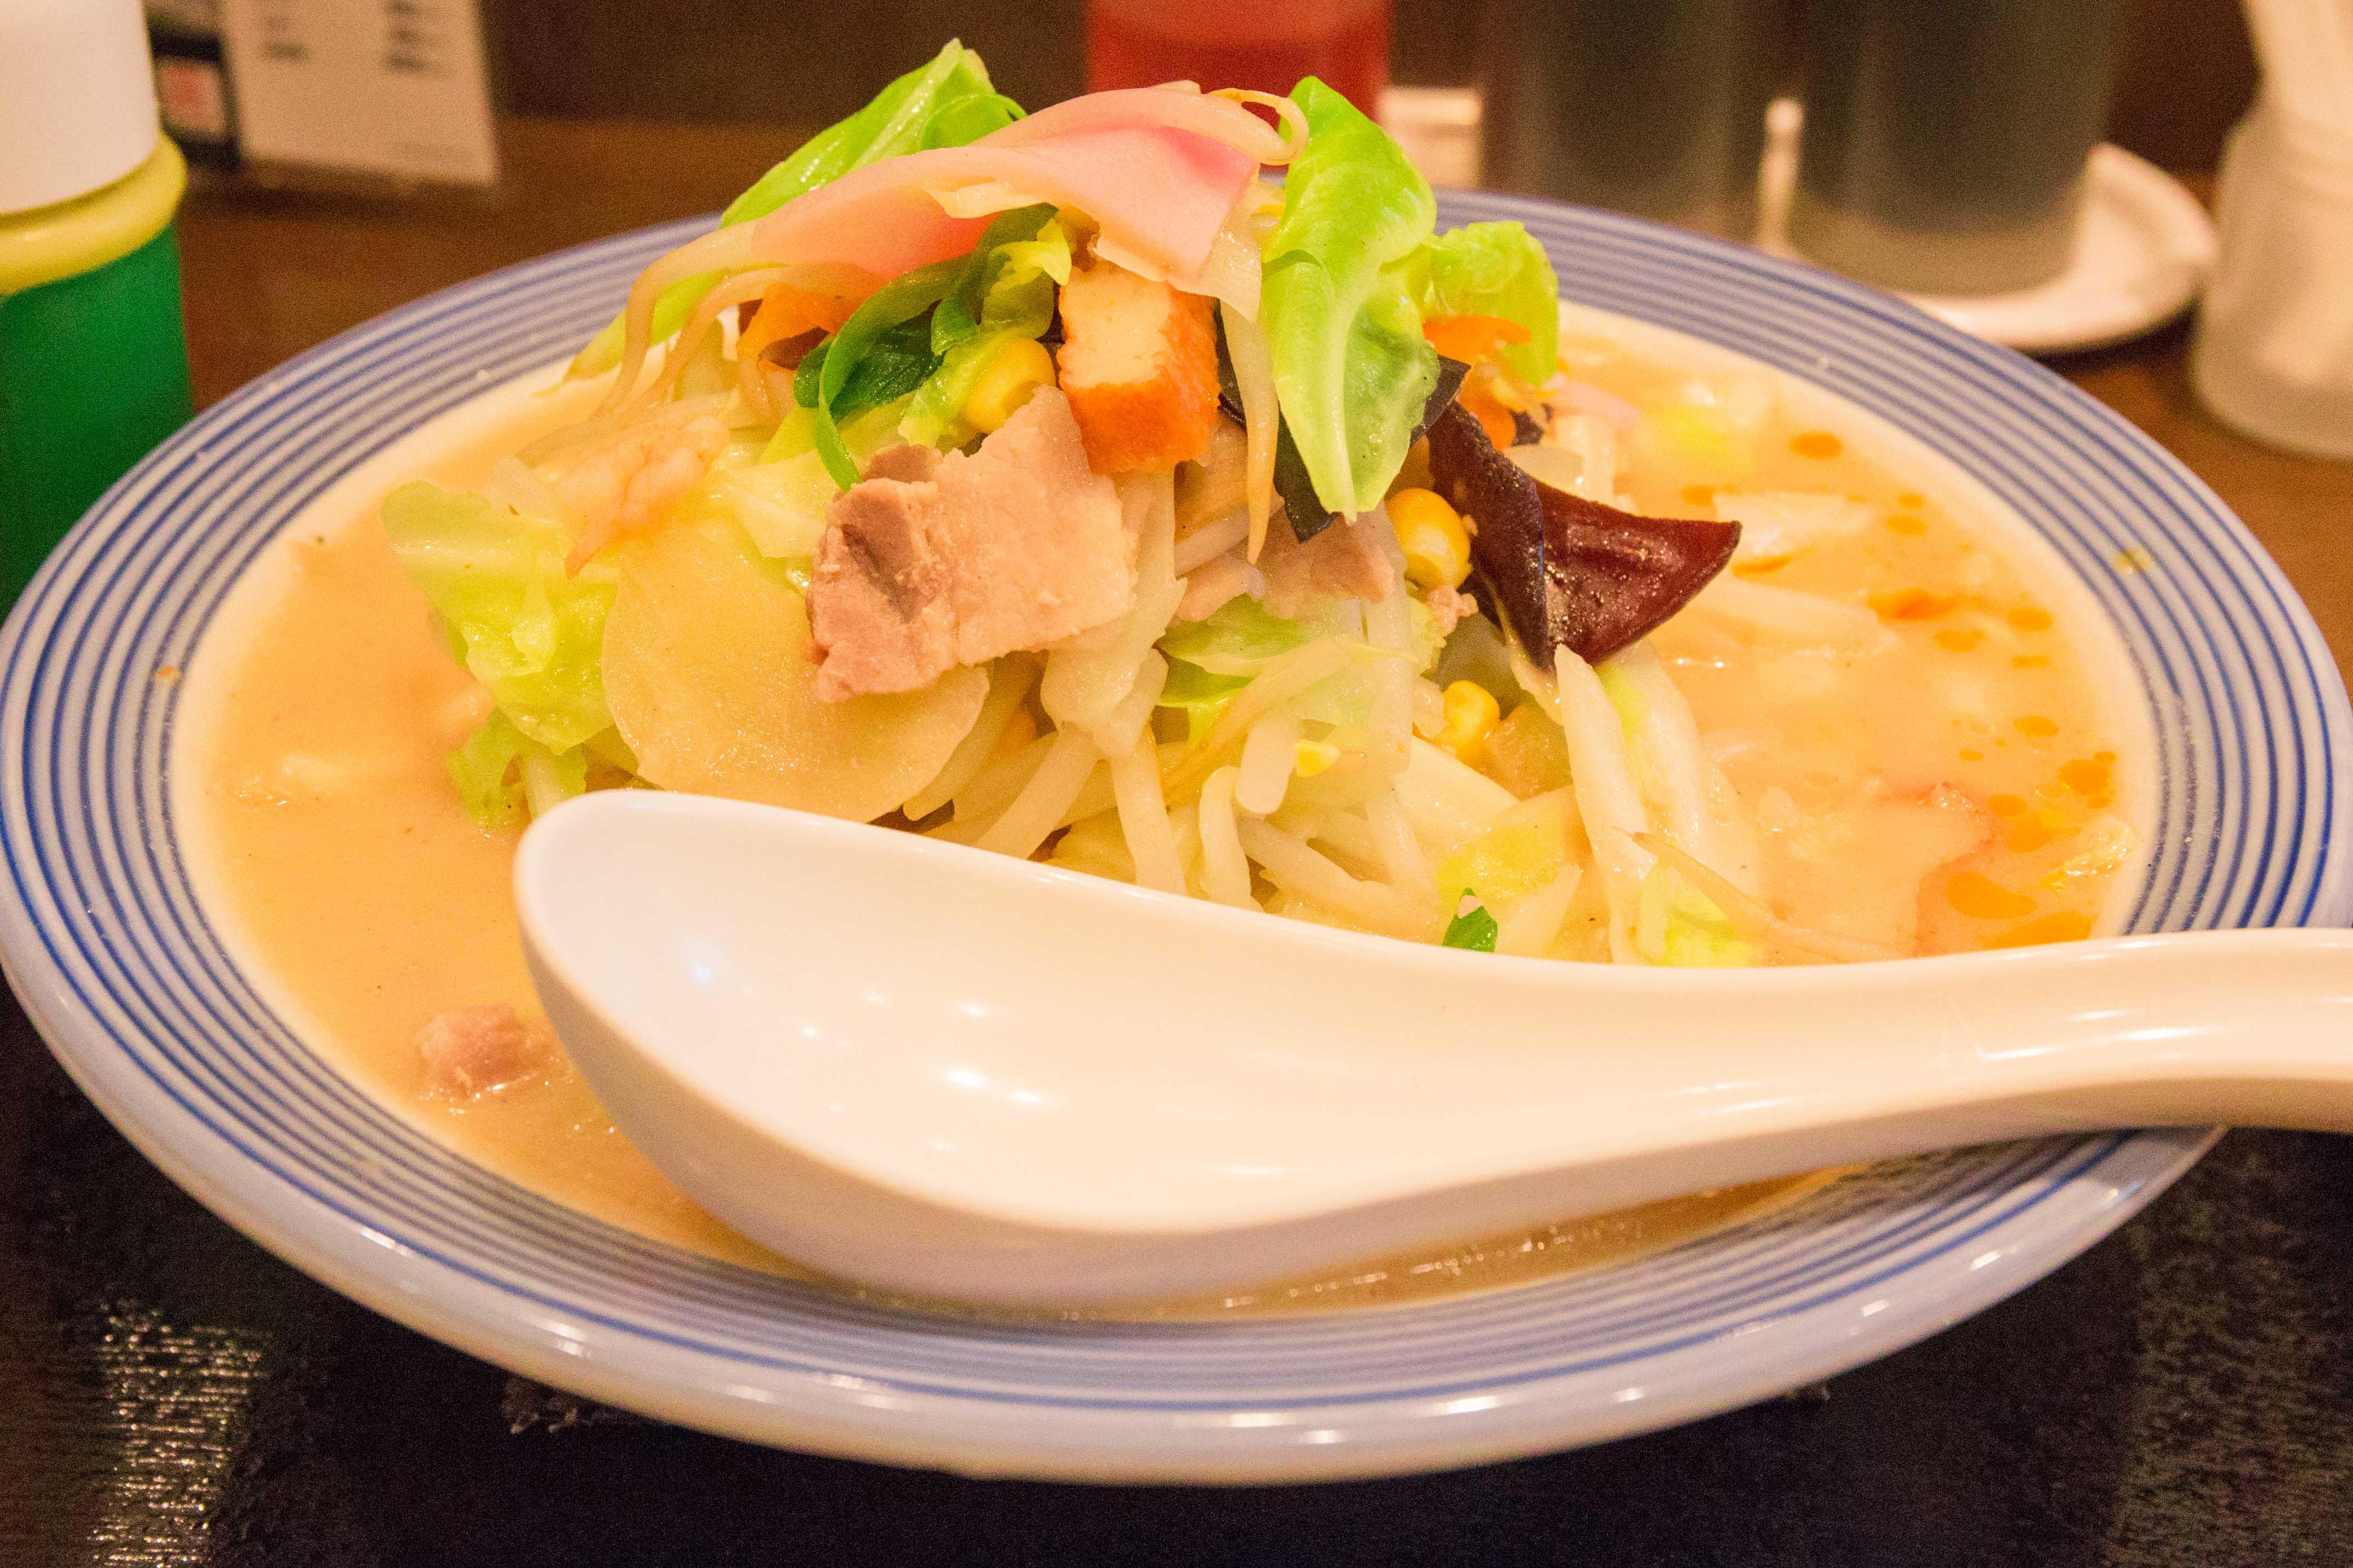 野菜不足解消 リンガーハットの「野菜たっぷりちゃんぽん」。480gの野菜が食べられる。